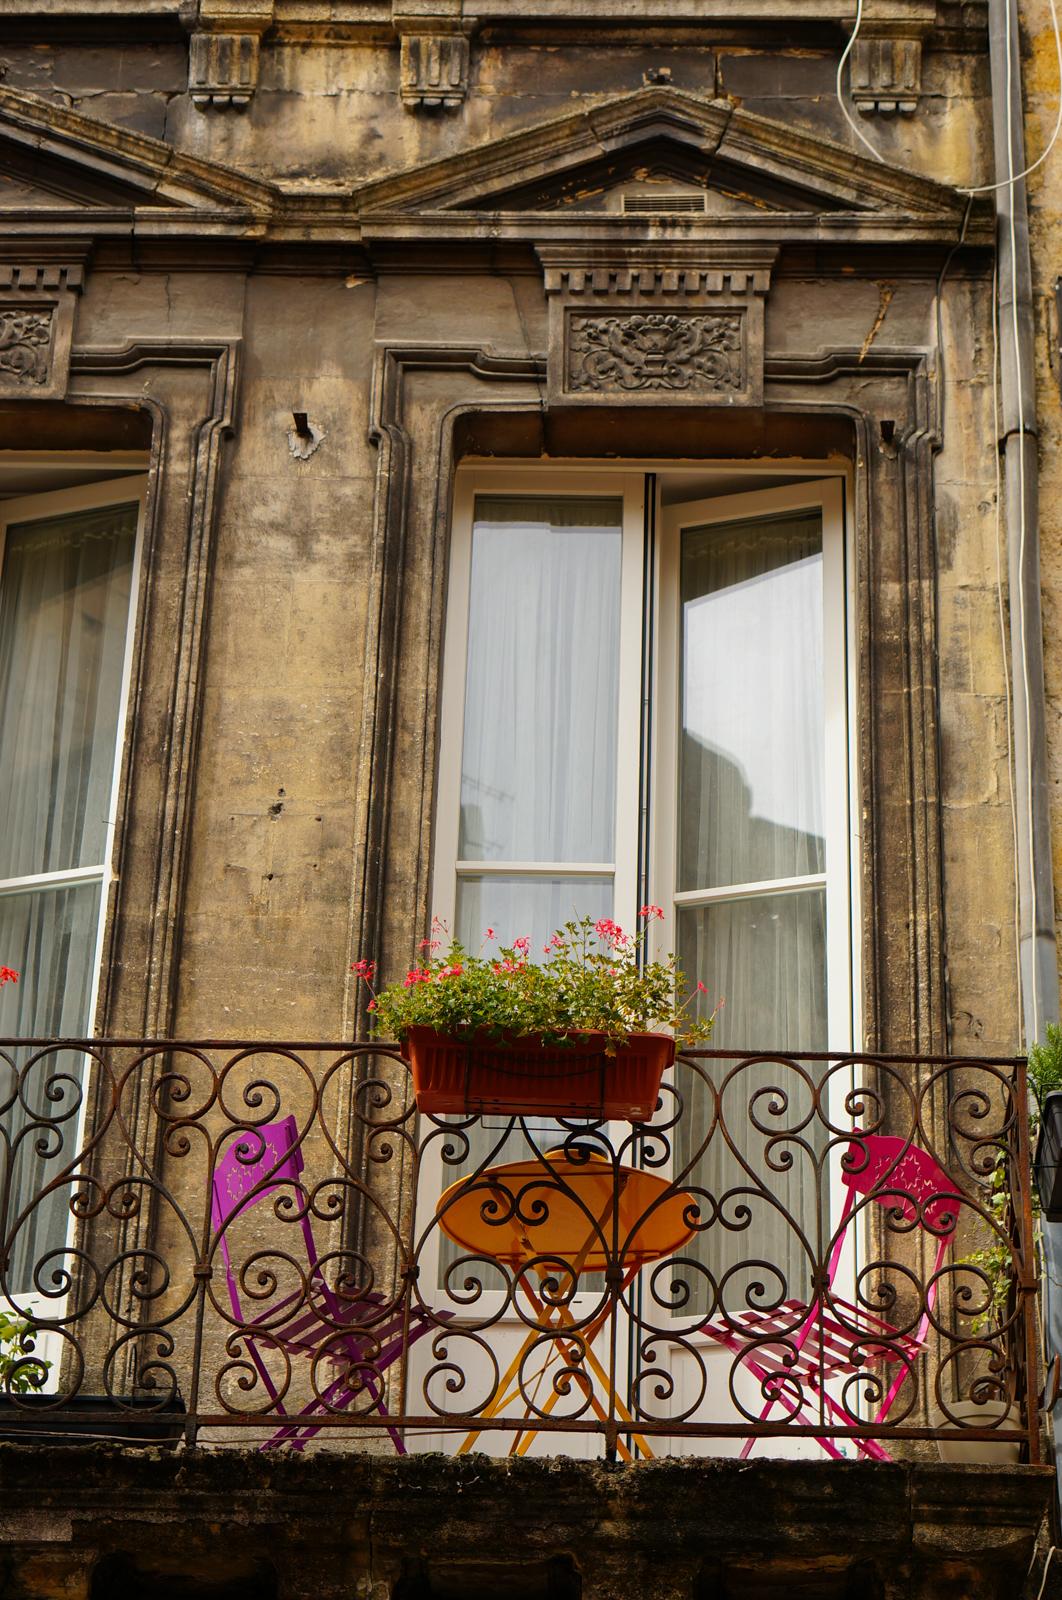 bordeaux, bordeaux city guide, borderaux tourisme, week-end bordeaux, blog bordeaux, vacances bordeaux, que faire à bordeaux